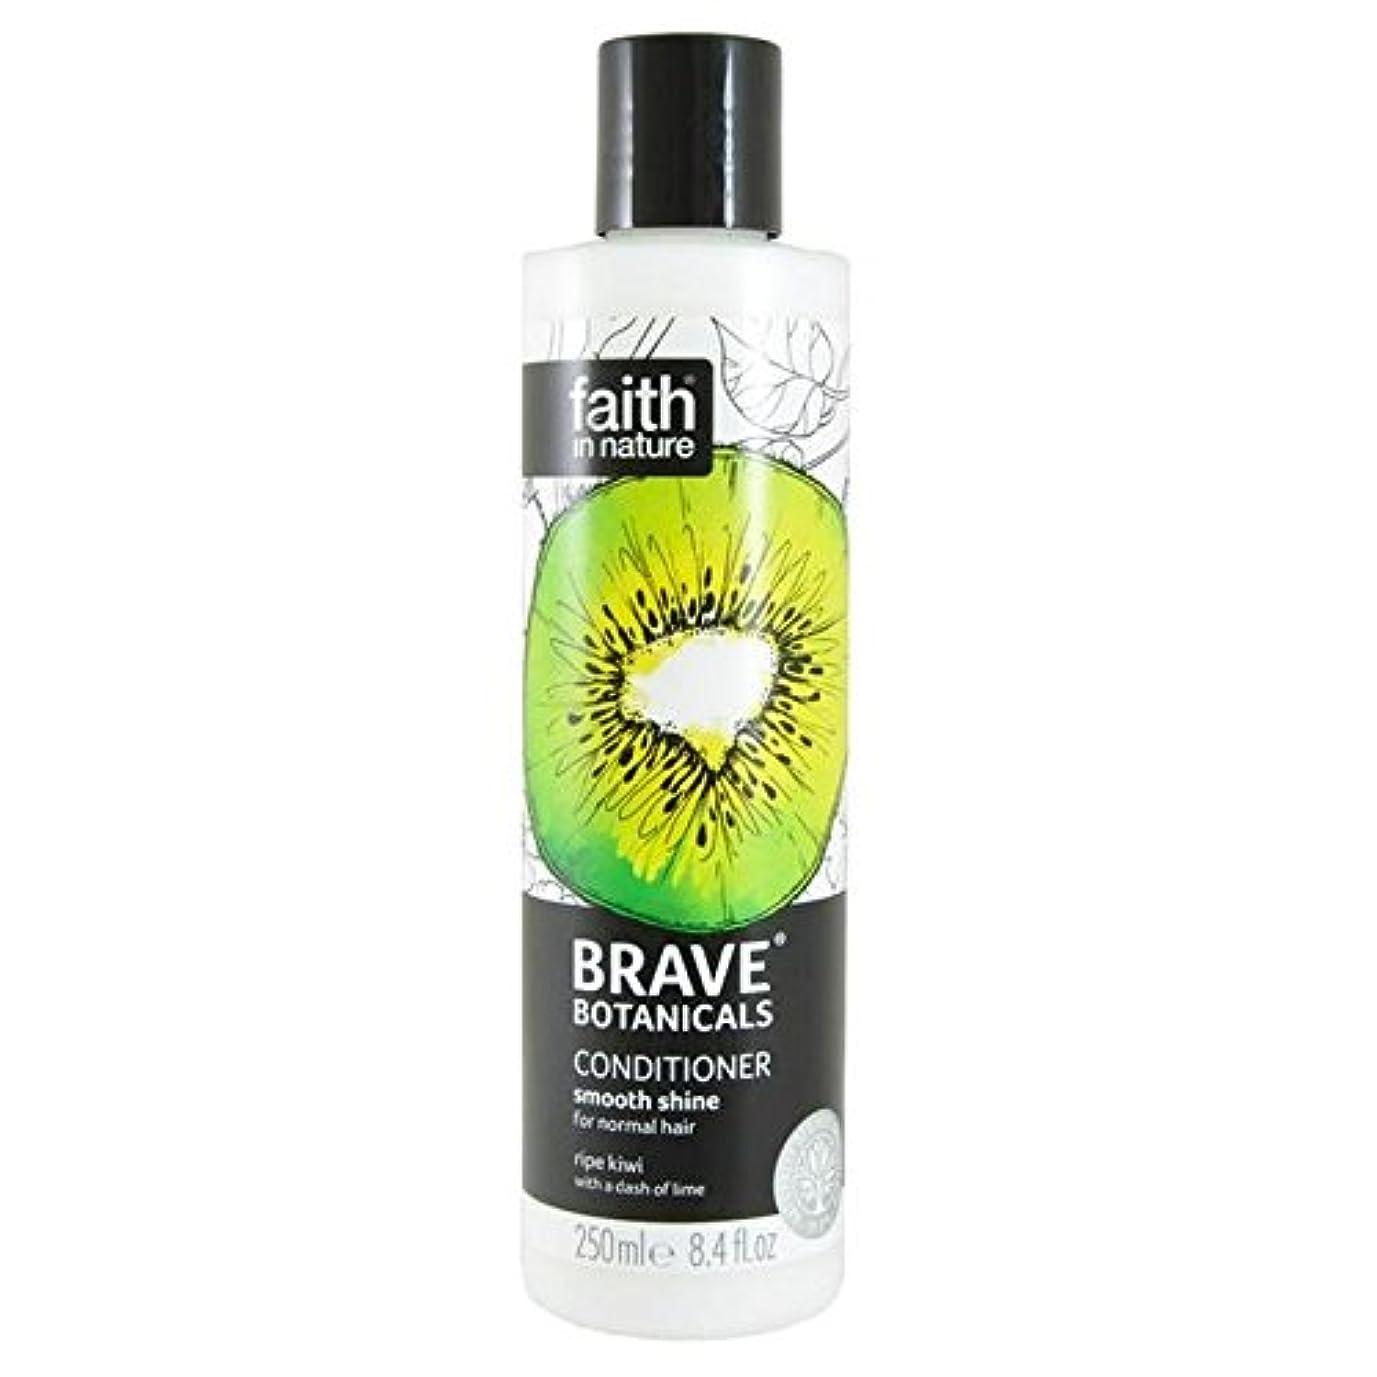 蒸留剣ジャーナルBrave Botanicals Kiwi & Lime Smooth Shine Conditioner 250ml - (Faith In Nature) 勇敢な植物キウイ&ライムなめらかな輝きコンディショナー250Ml...